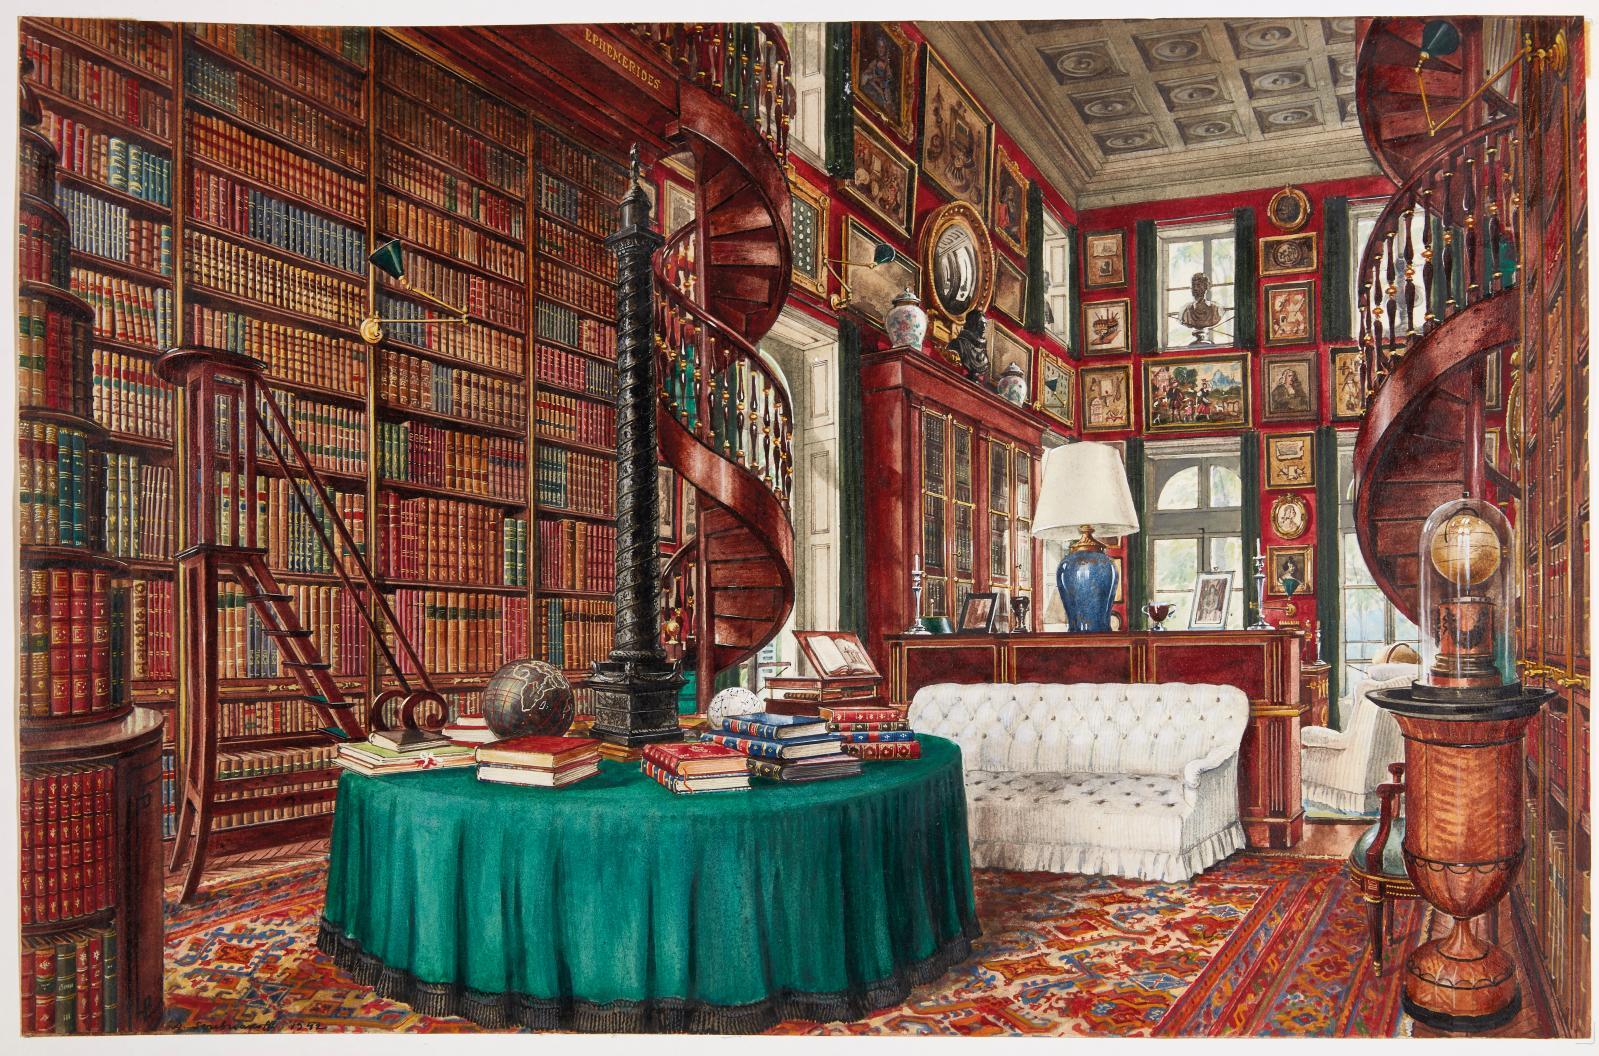 La non moins célèbre bibliothèque, créée de toutes pièces par le maître des lieux.